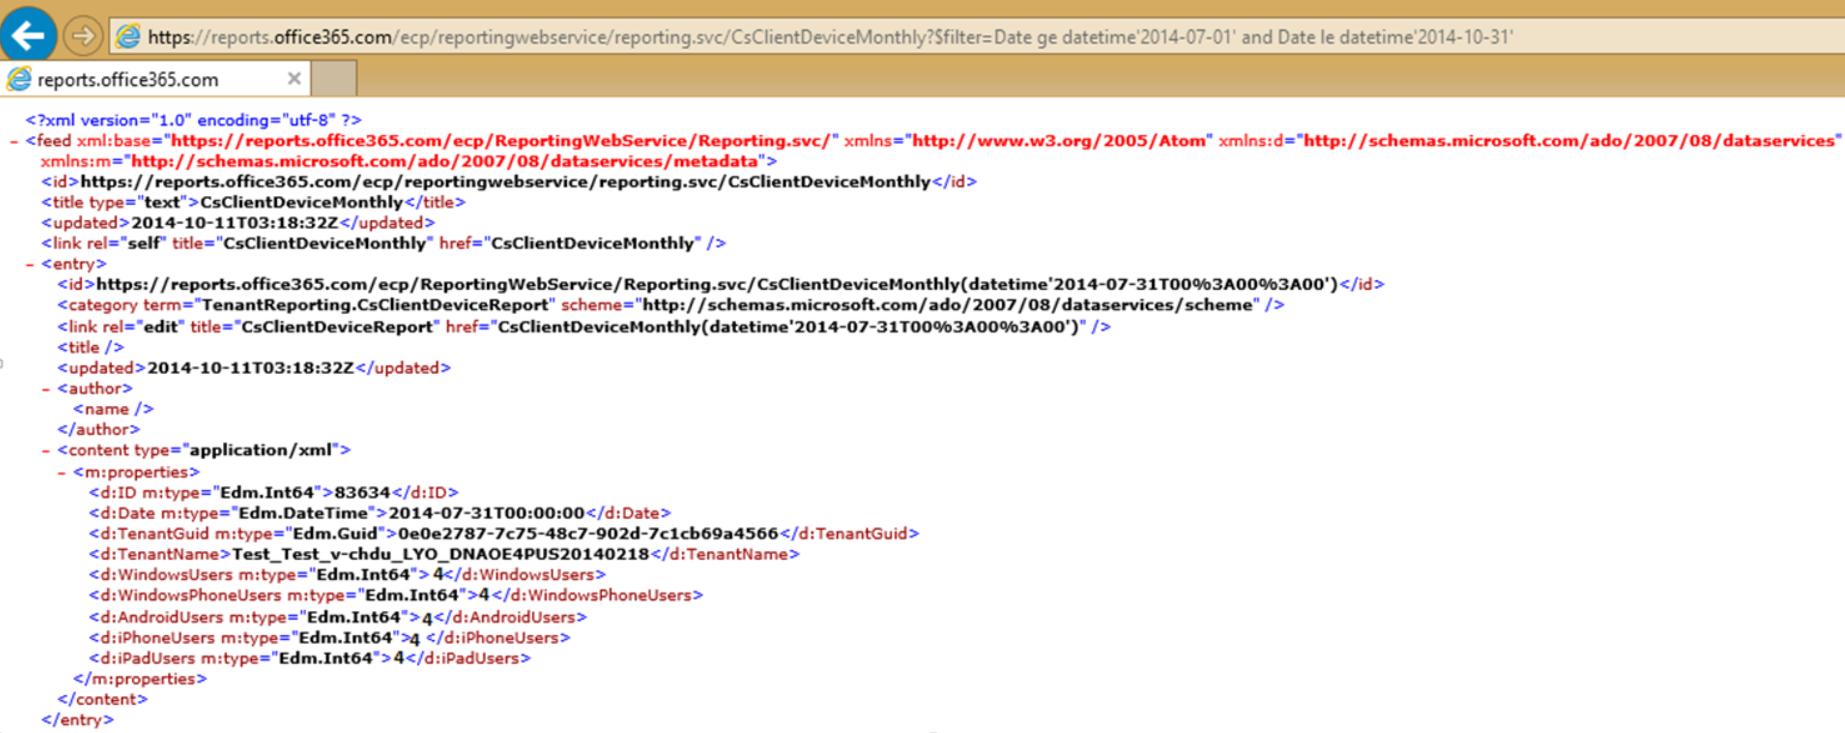 Lync Online client devices report 4